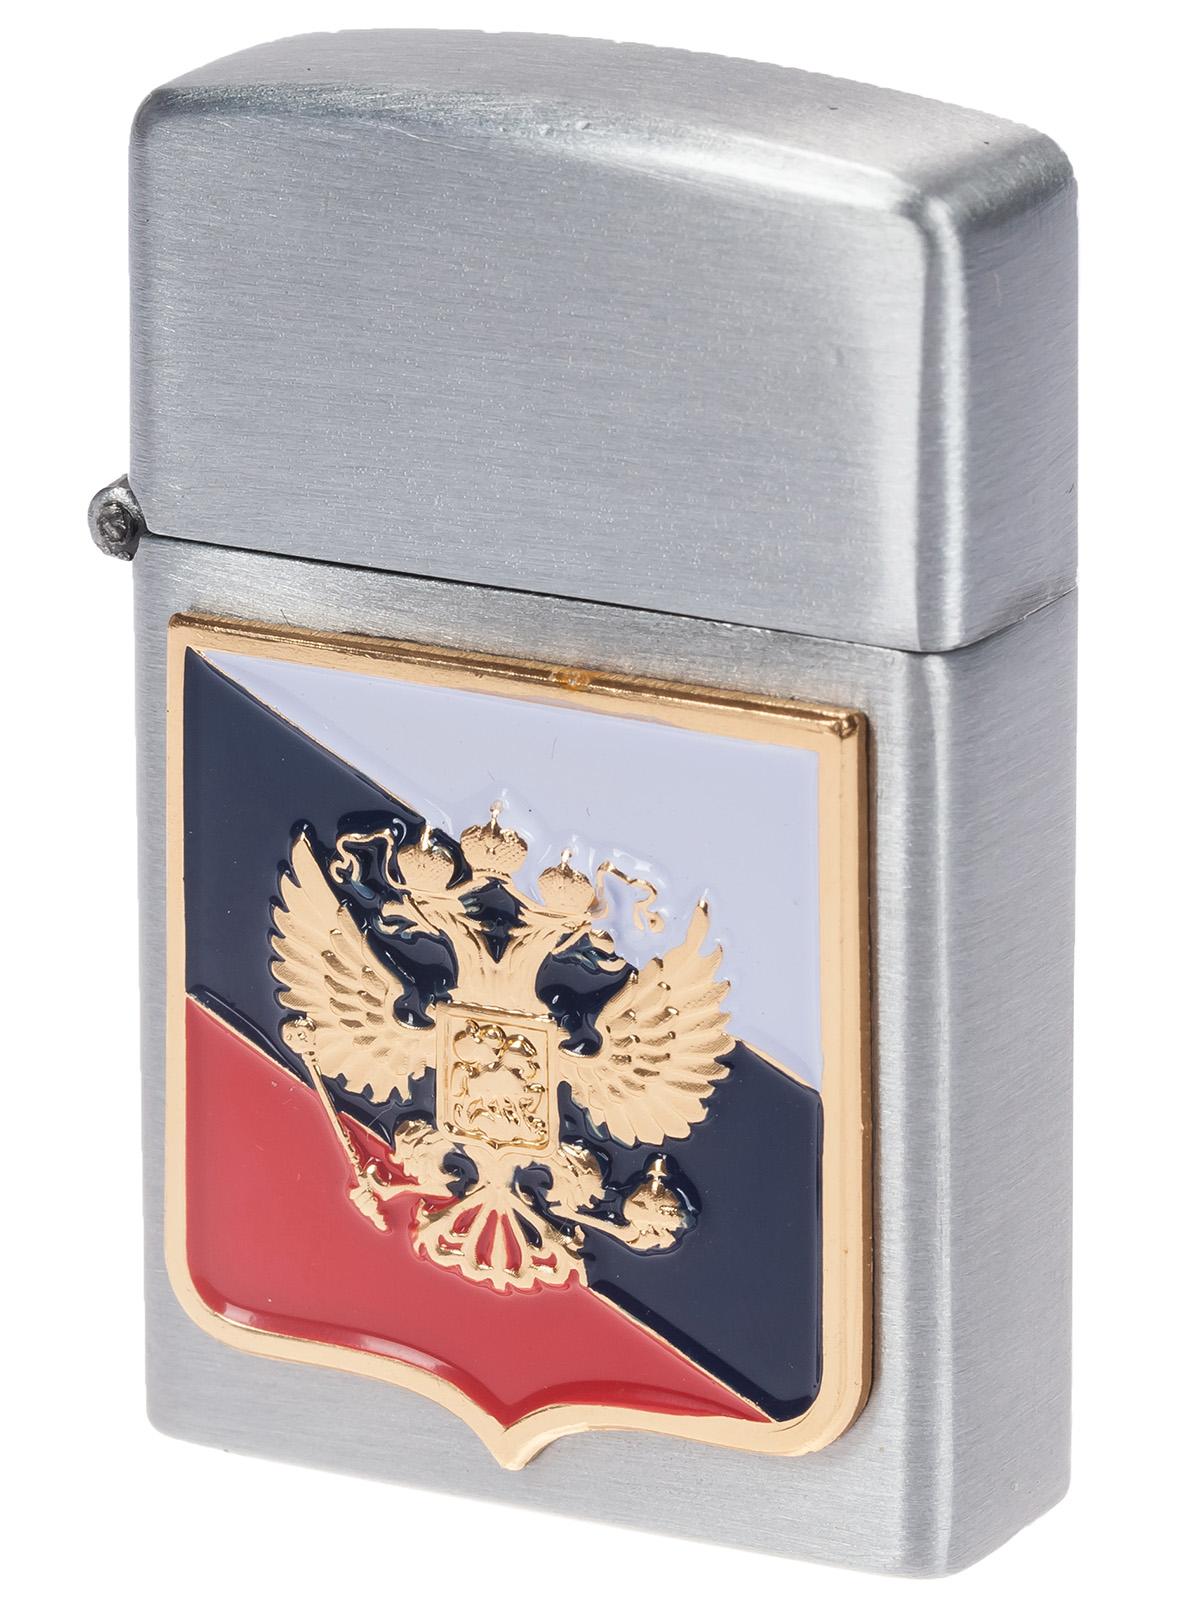 Выбрать красивую газовую зажигалку с доставкой по Москве